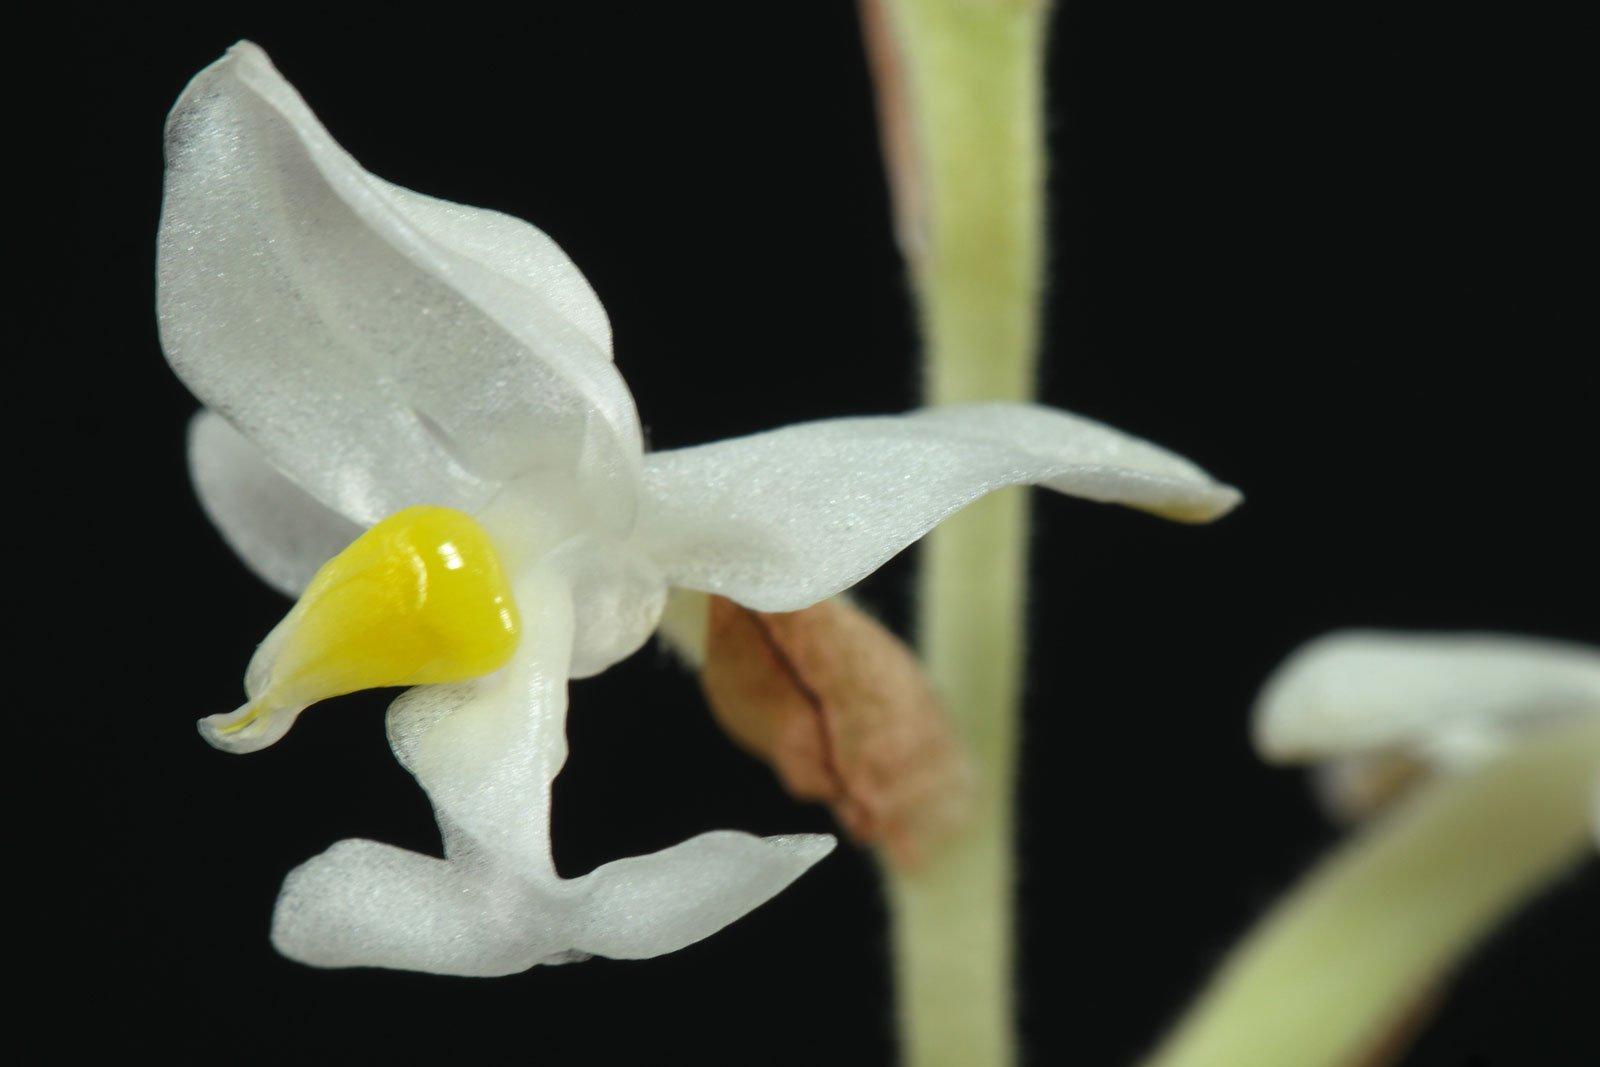 Juwelorchidee Blüte